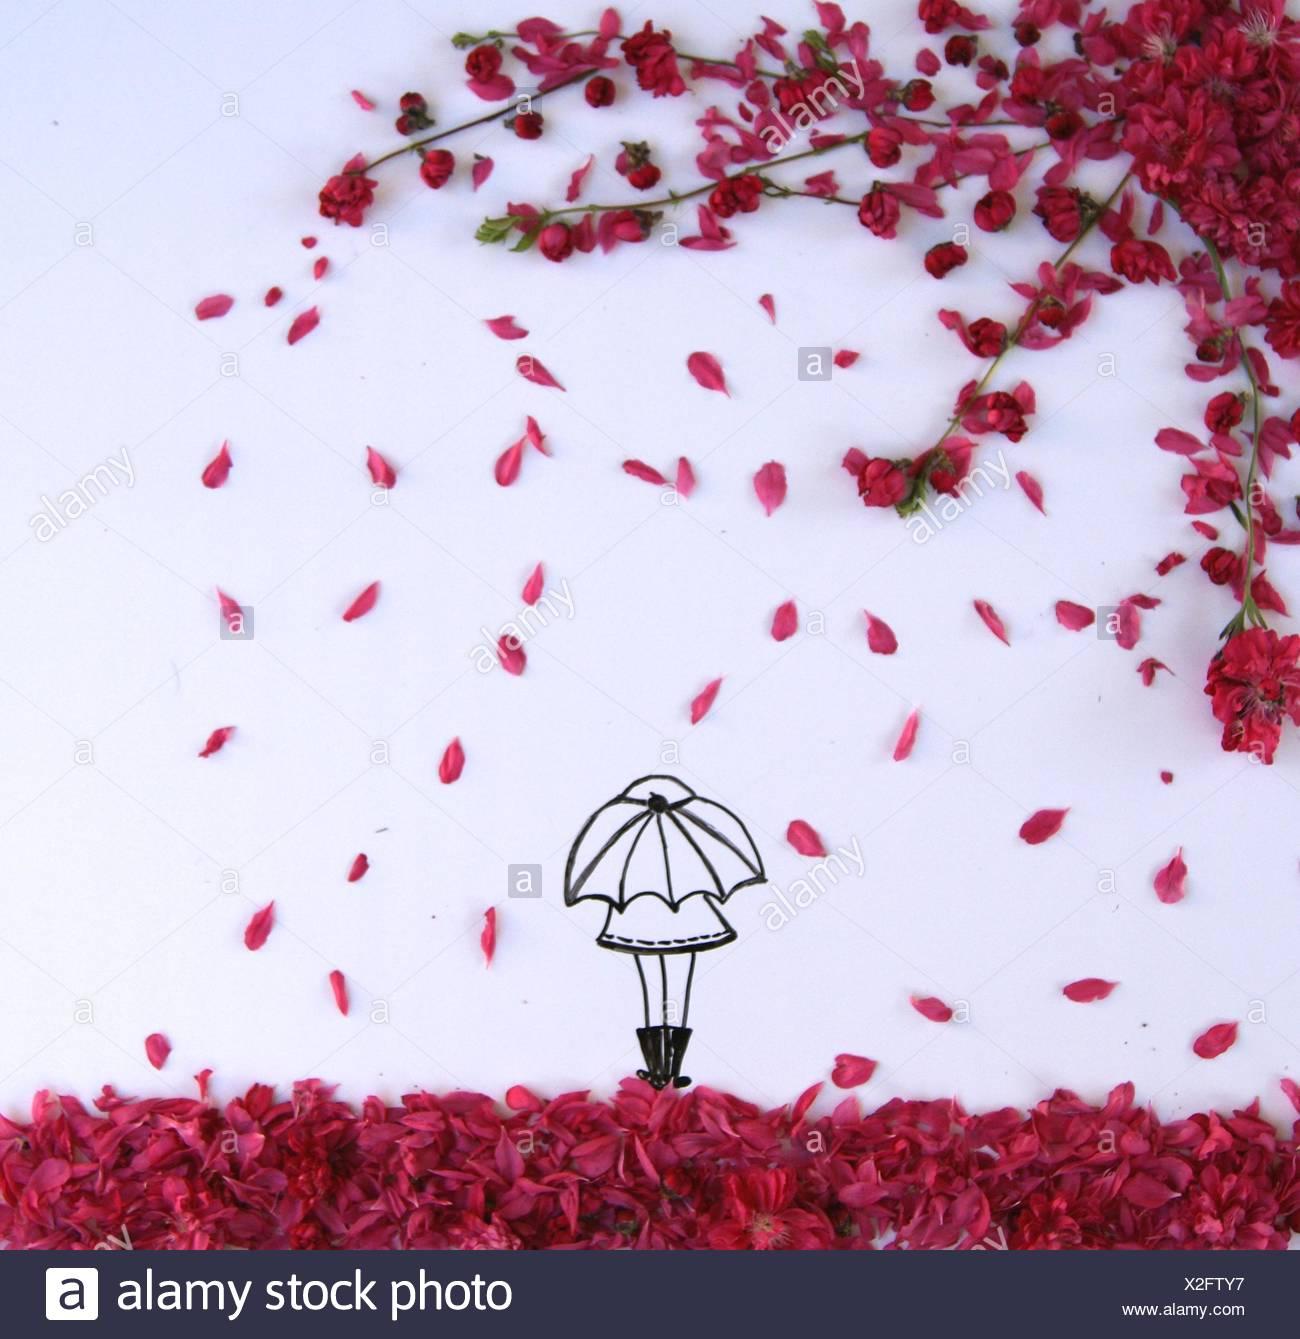 Dibujo conceptual de una chica de pie bajo un paraguas durante la primavera florecen ducha Imagen De Stock